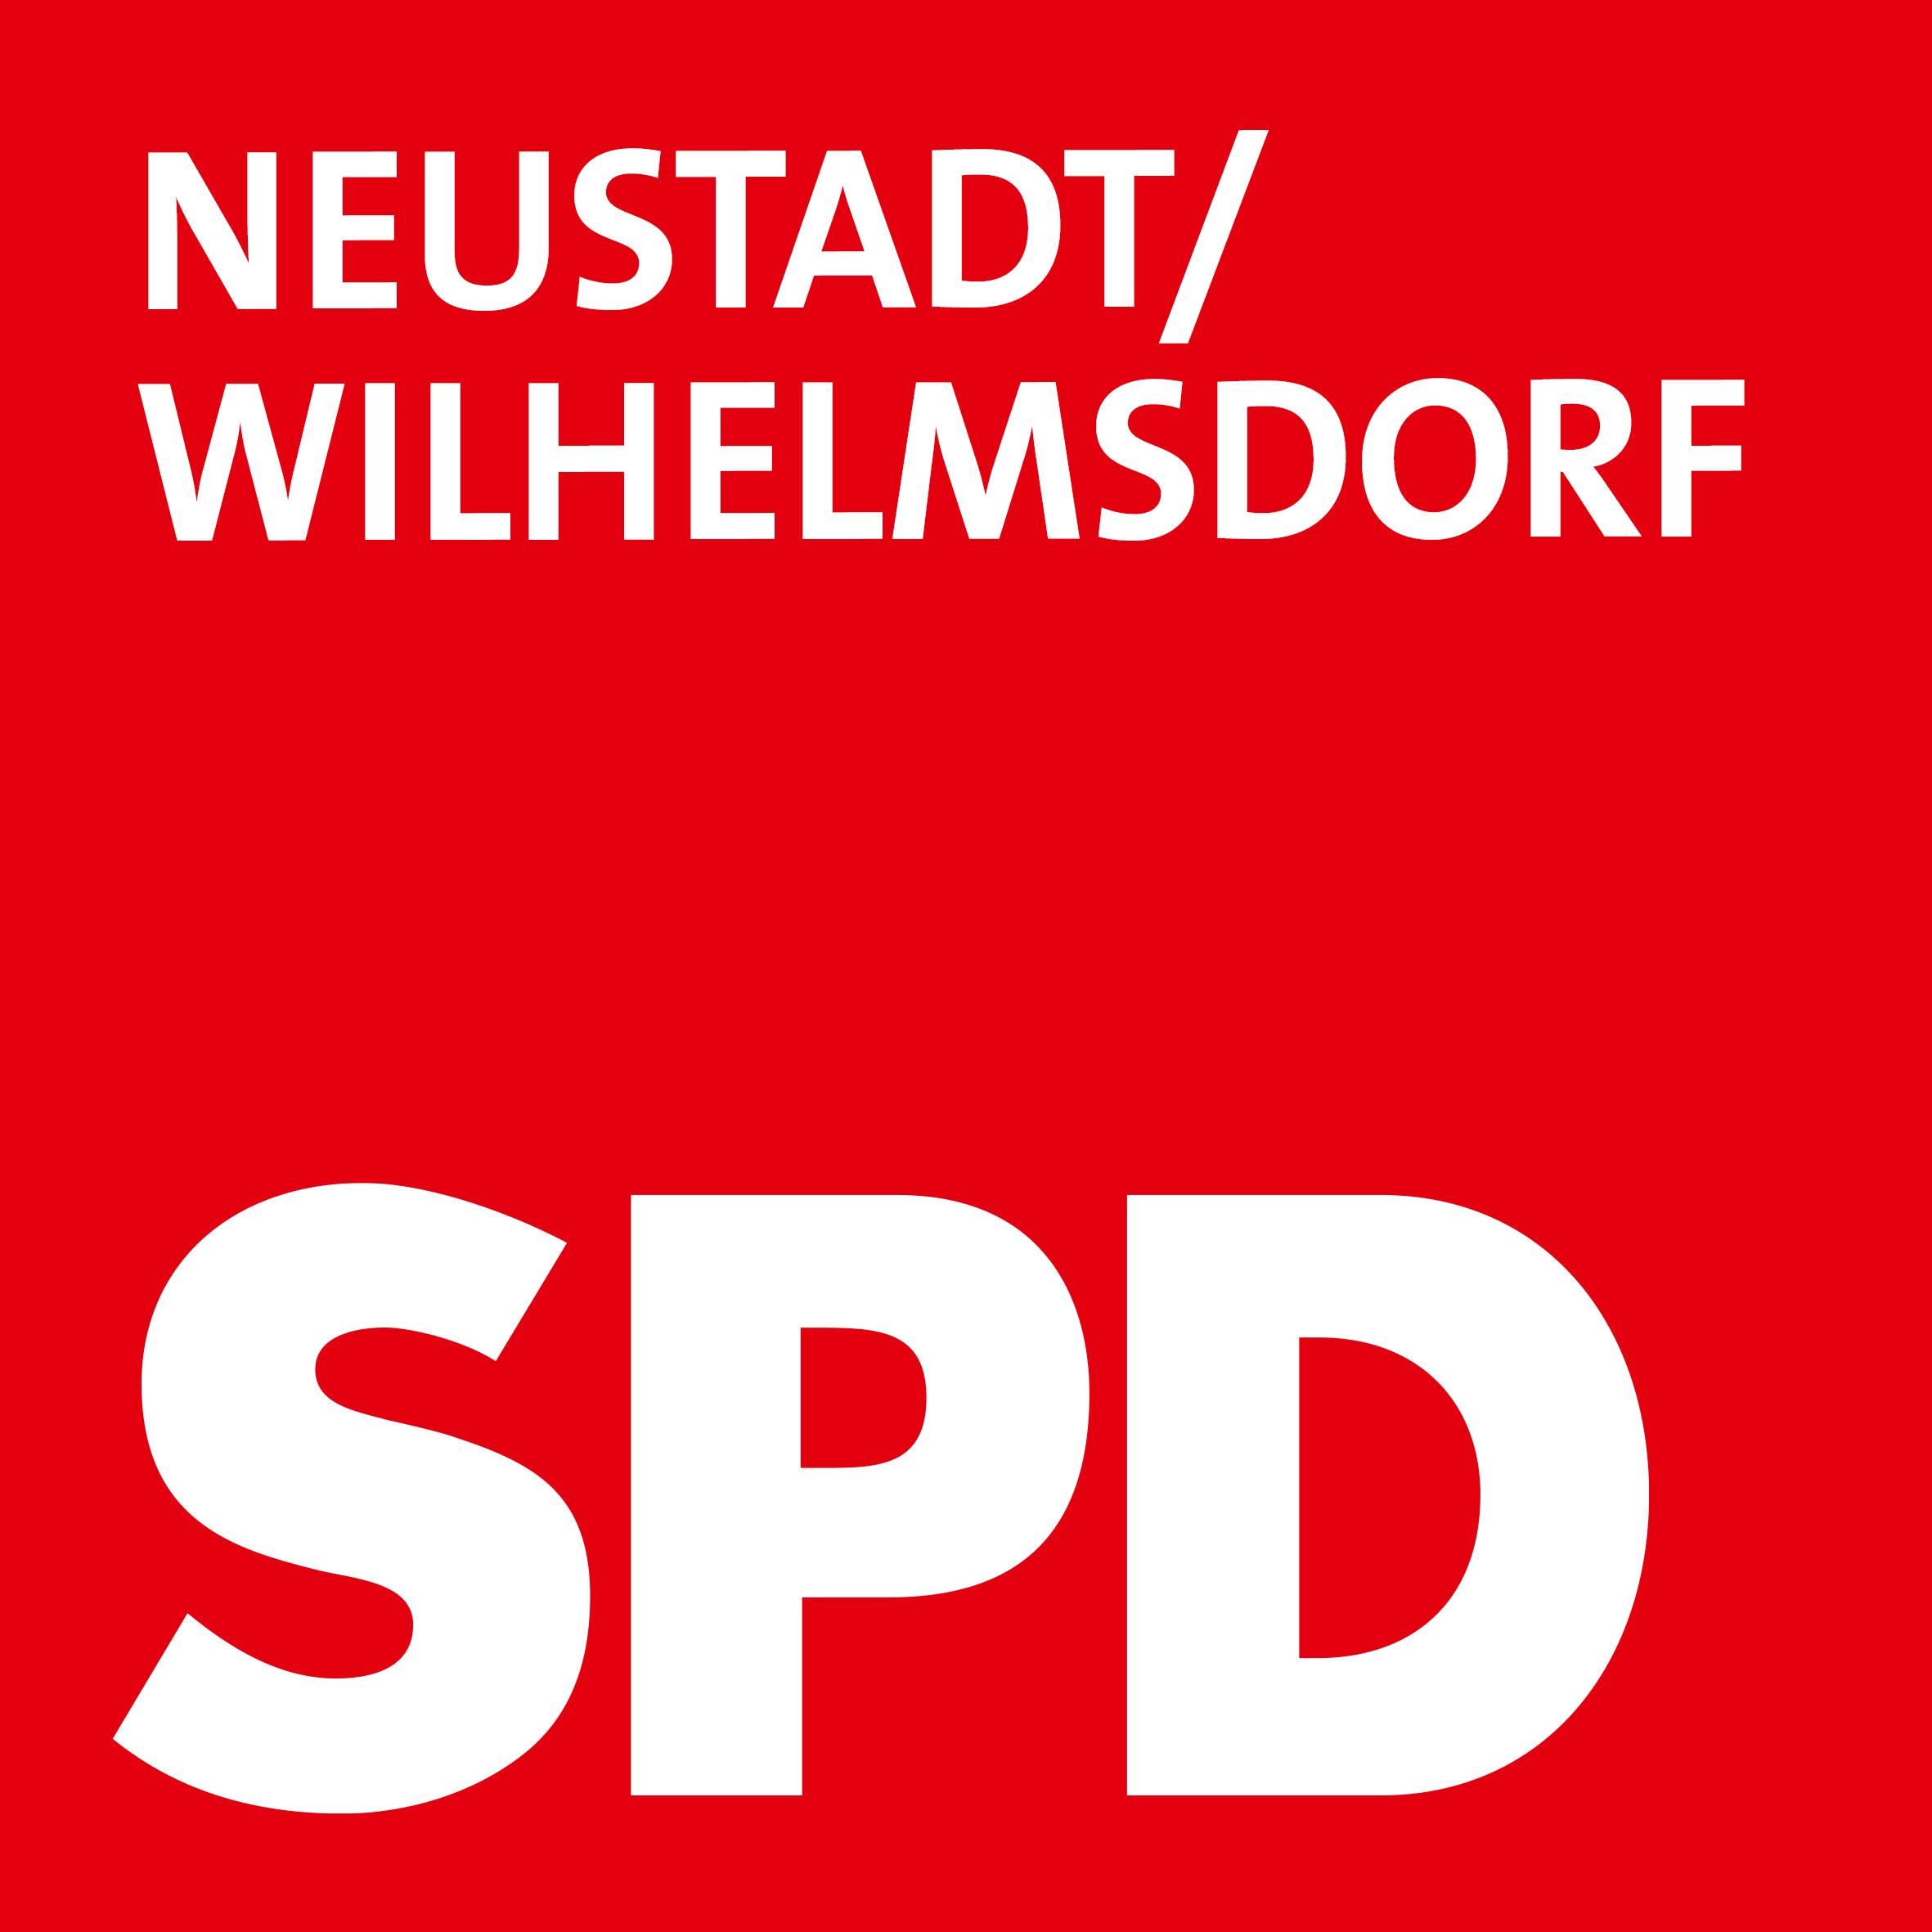 SPD Neustadt/Wilhelmsdorf